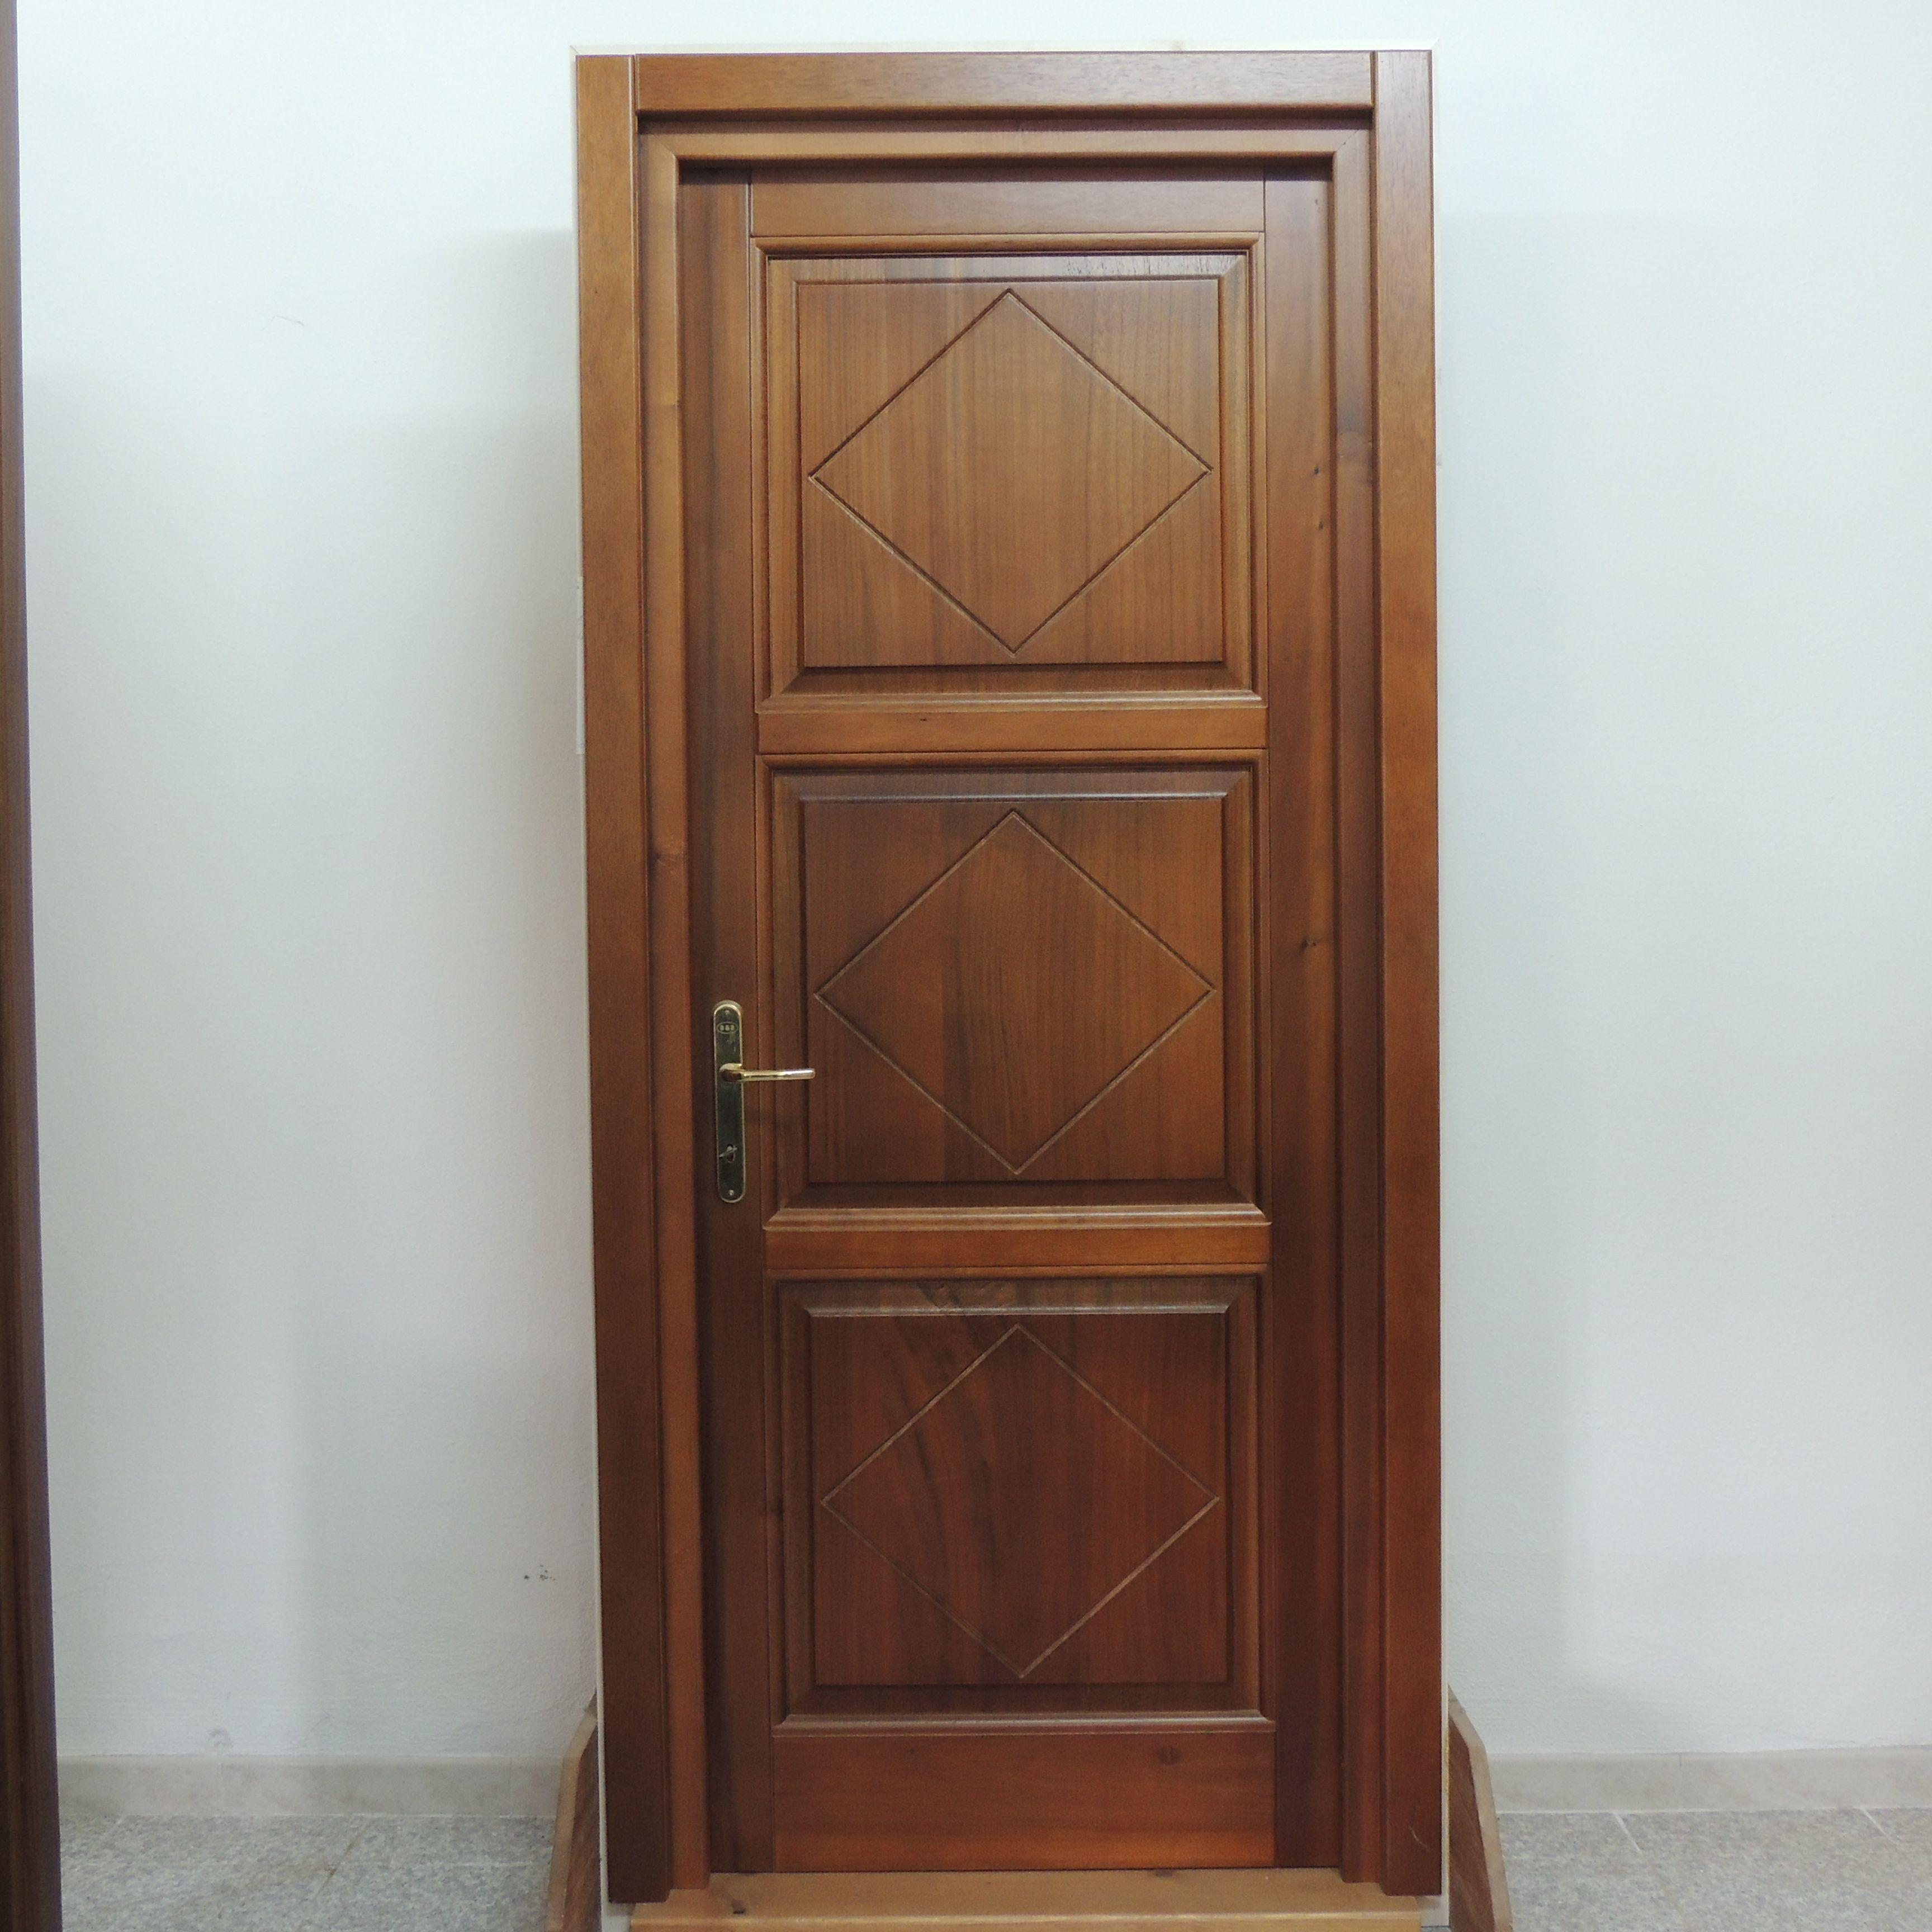 Porta in legno di toulipier a tre pannelli pantografati | Porte per ...